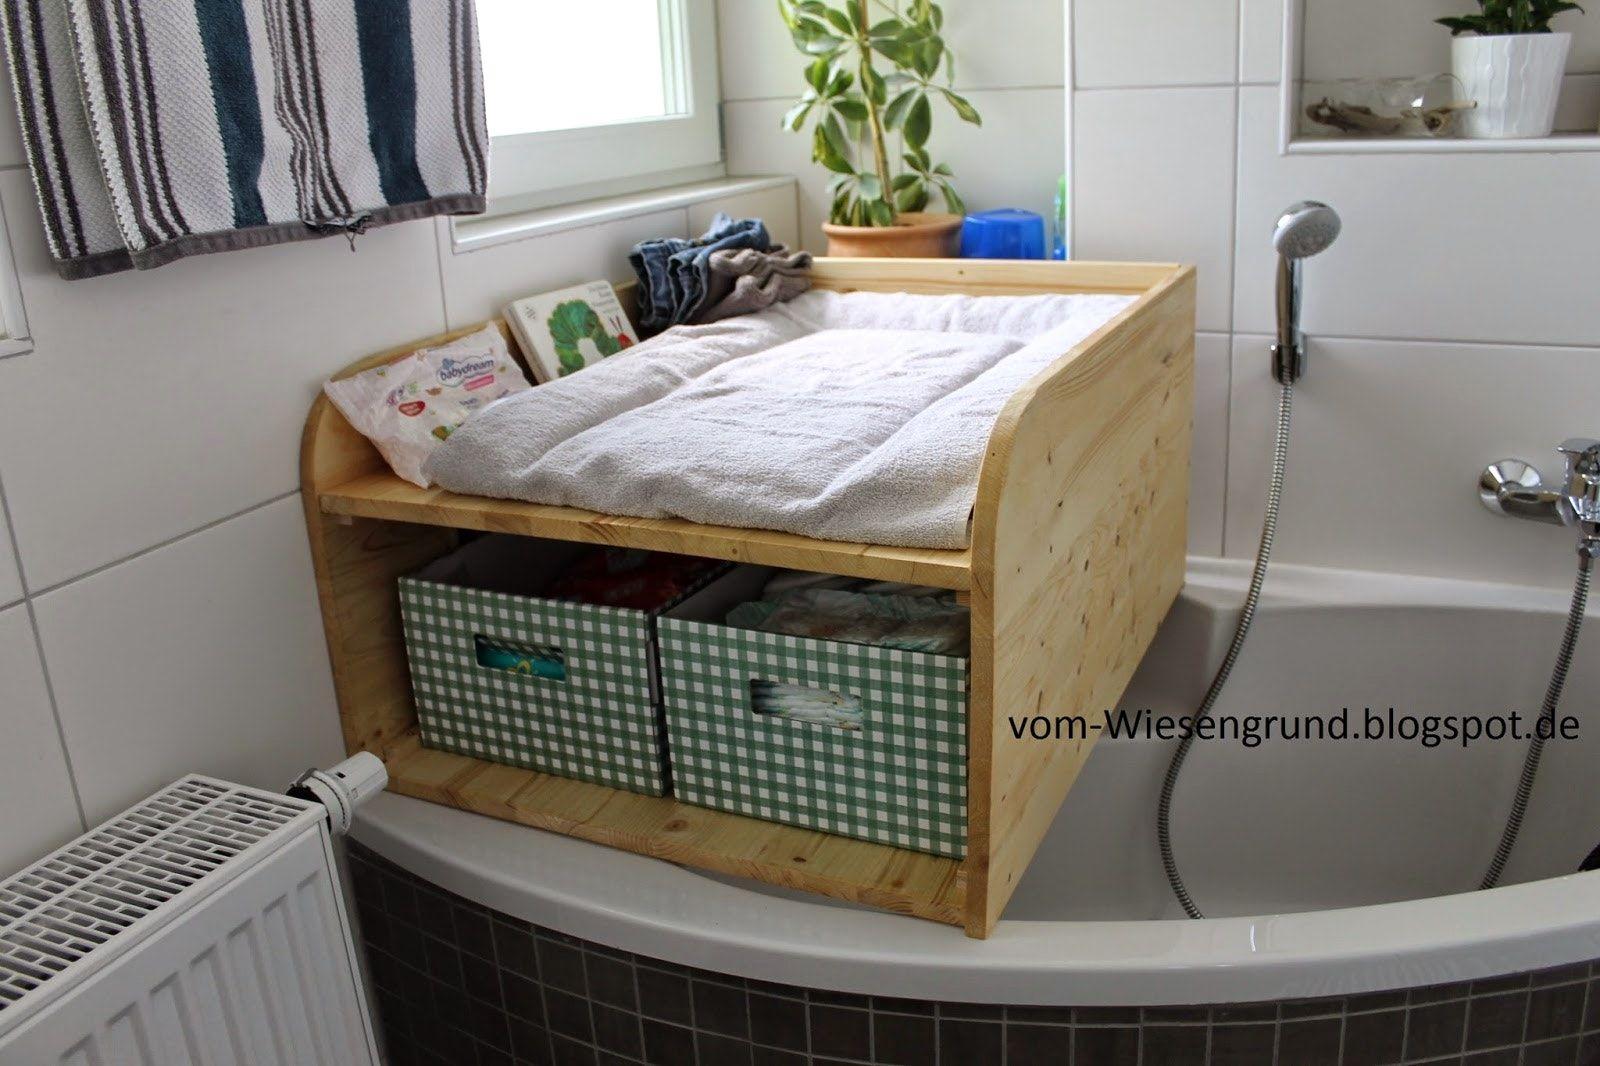 Wunderbar Wickelaufsatz Badewanne Holz Und Beste Ideen Von Vom Wiesengrund Wickelkommode Als Aufsatz Fur Die Badewannen 12 Baby Bath Changing Table Home Decor